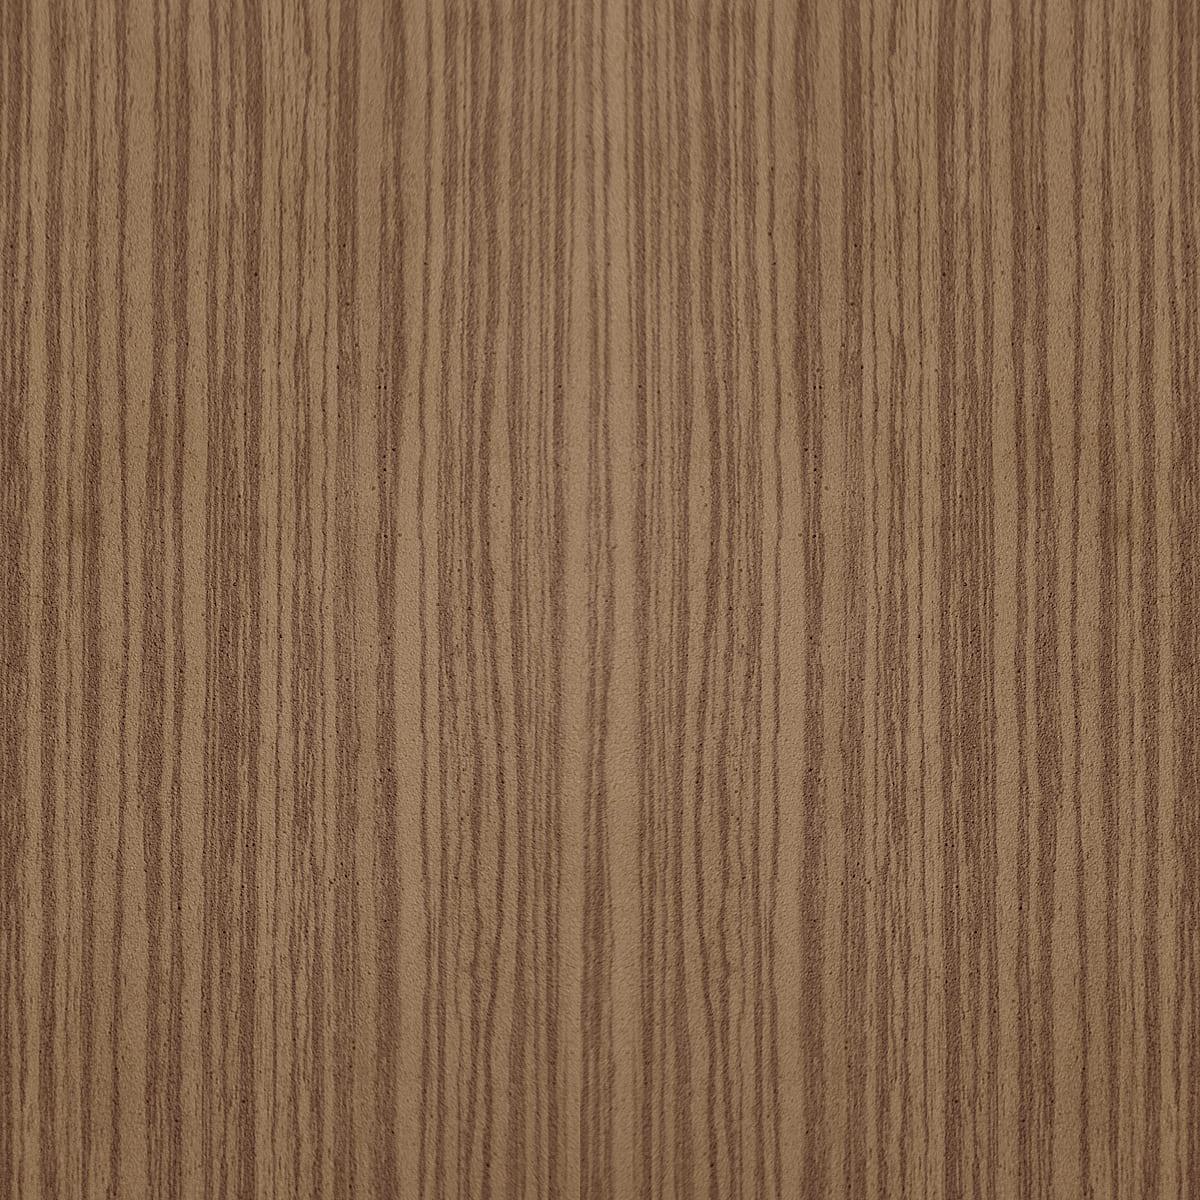 Een houten trapleuning: perfect voor uw interieur! - Lumigrip